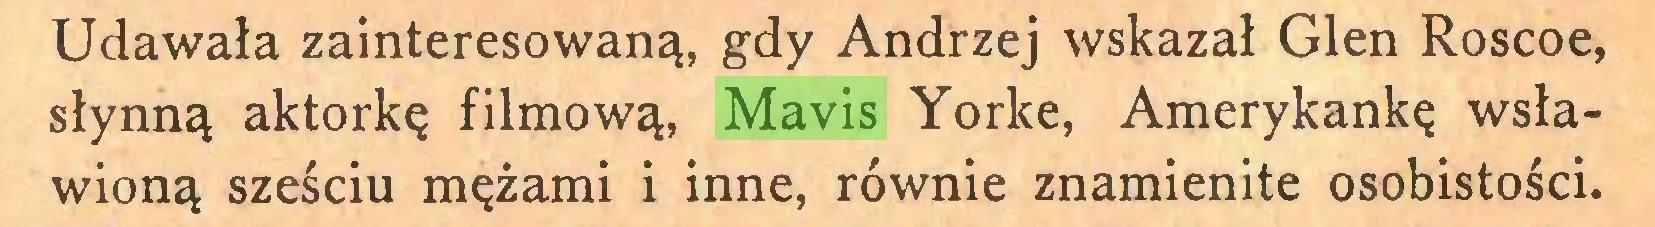 (...) Udawała zainteresowaną, gdy Andrzej wskazał Glen Roscoe, słynną aktorkę filmową, Mavis Yorke, Amerykankę wsławioną sześciu mężami i inne, równie znamienite osobistości...